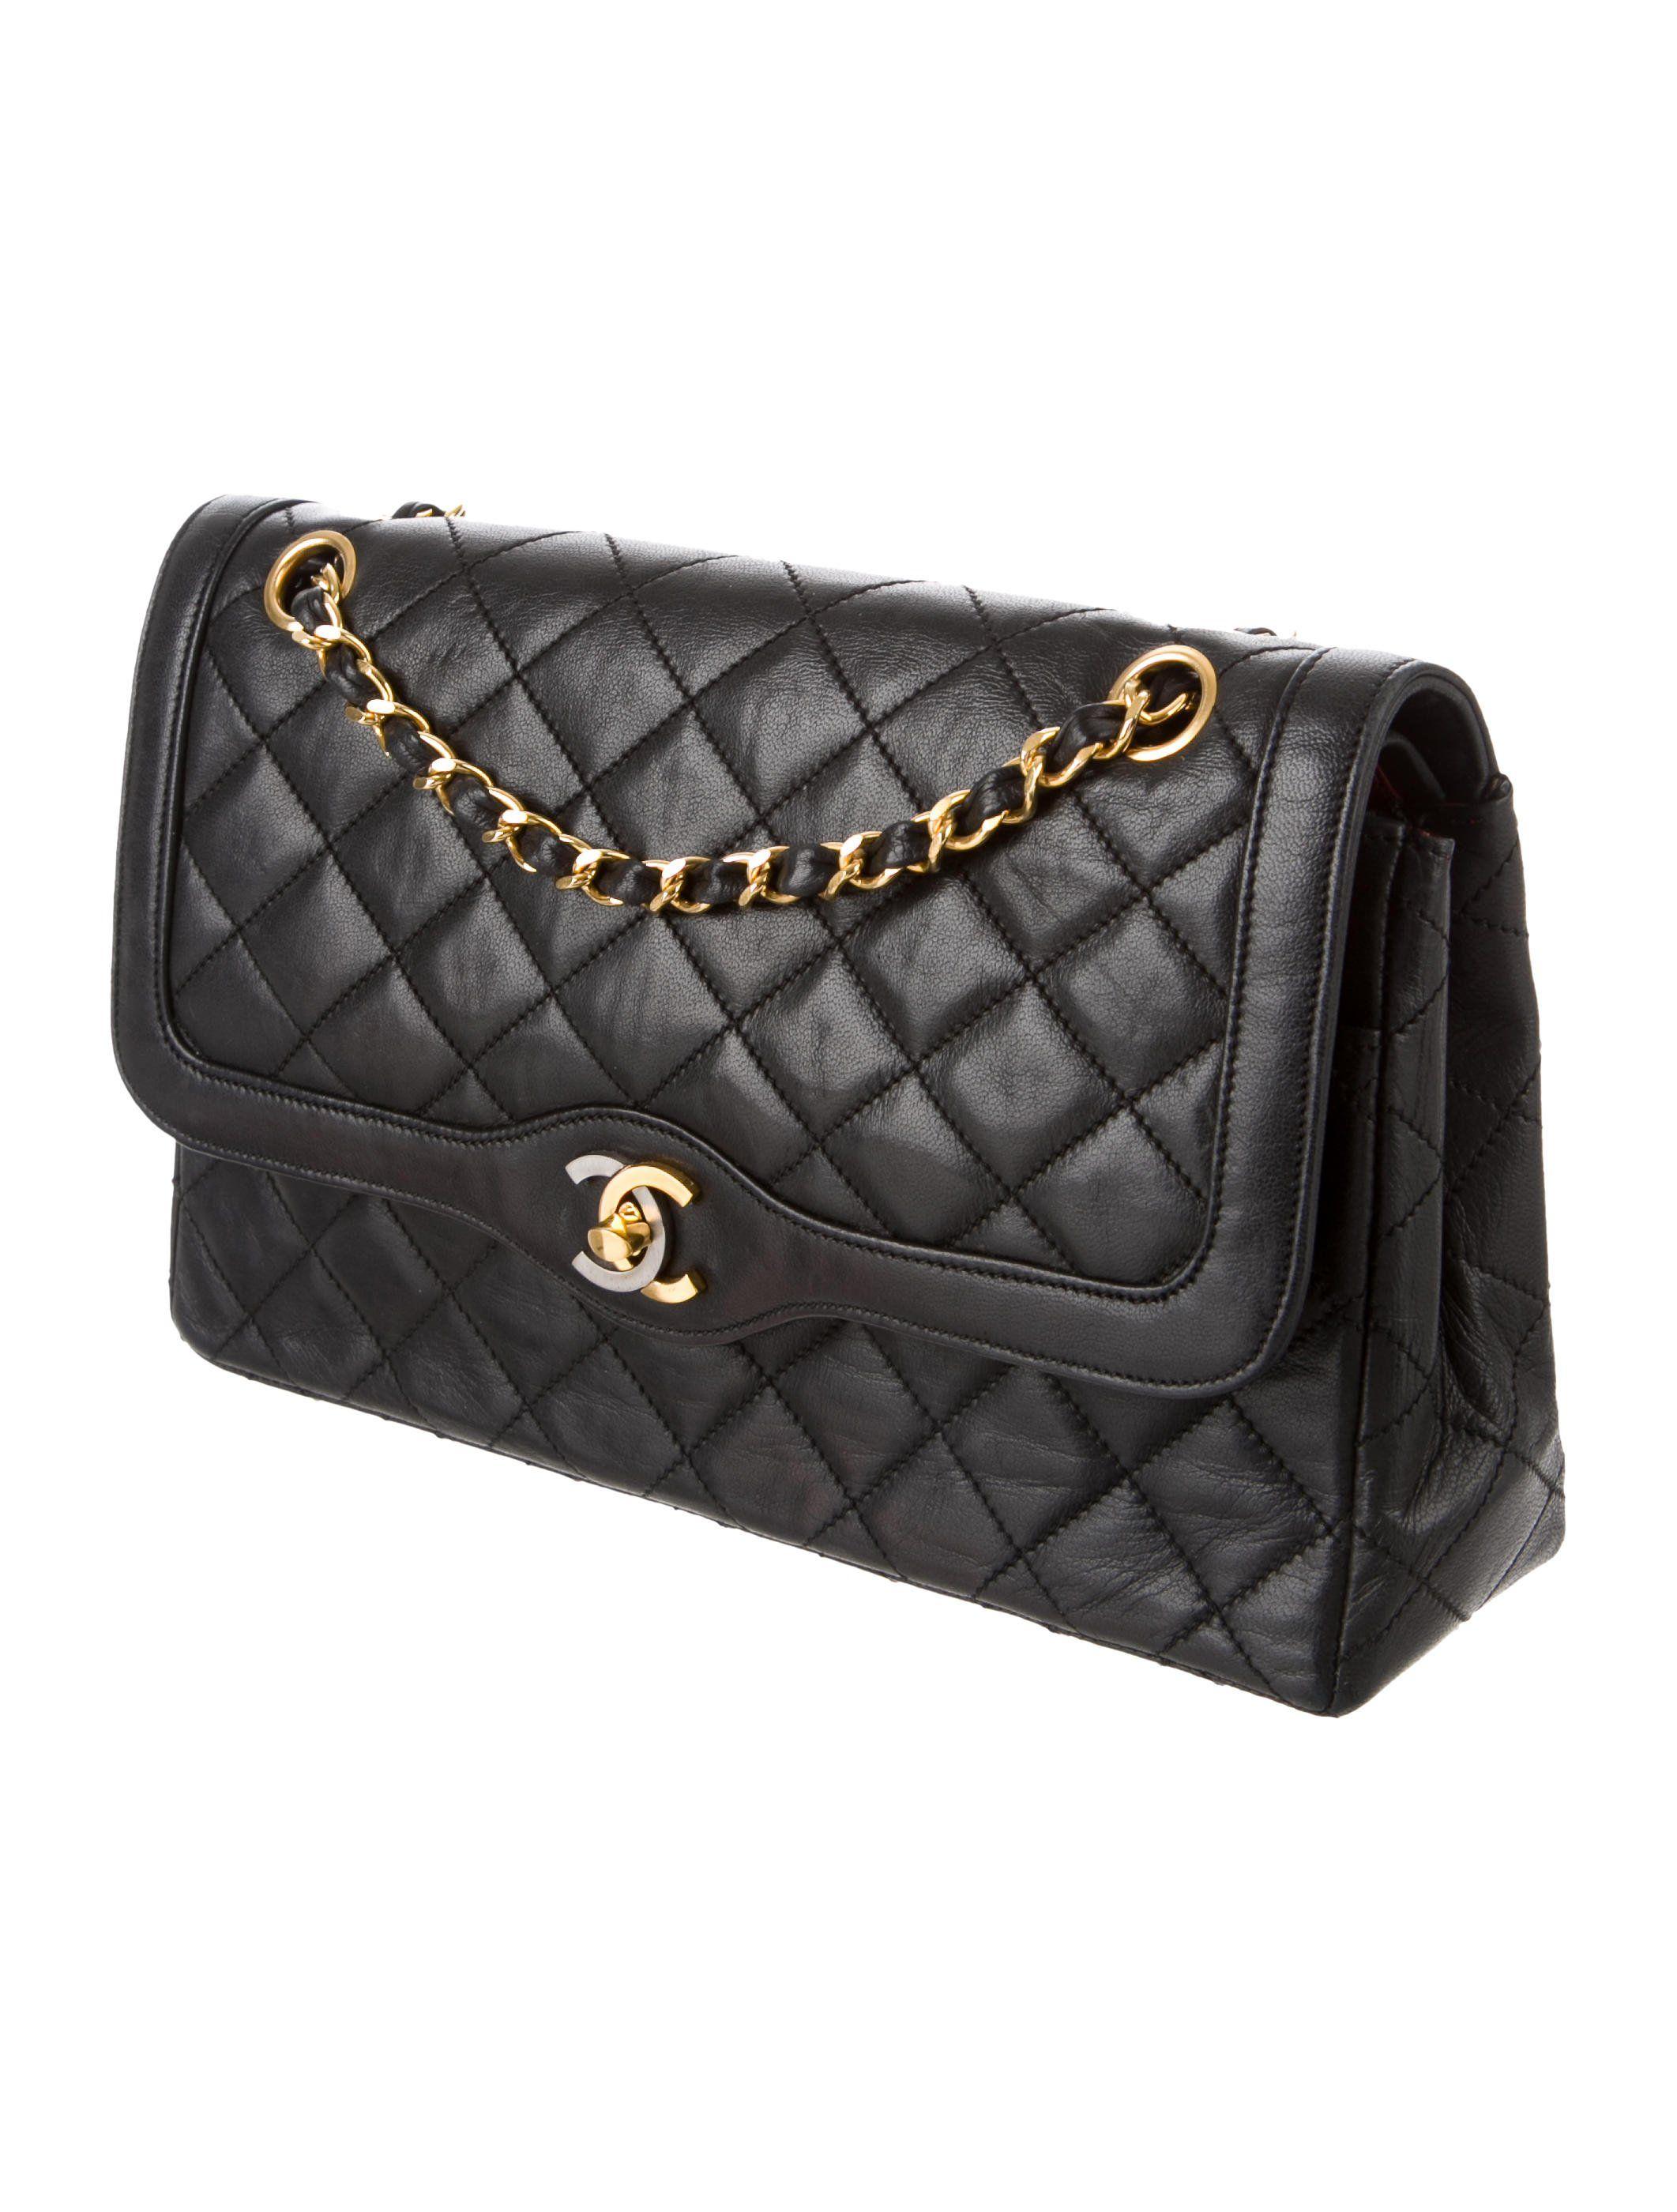 Chanel Vintage Paris Double Flap Bag Handbags Cha246654